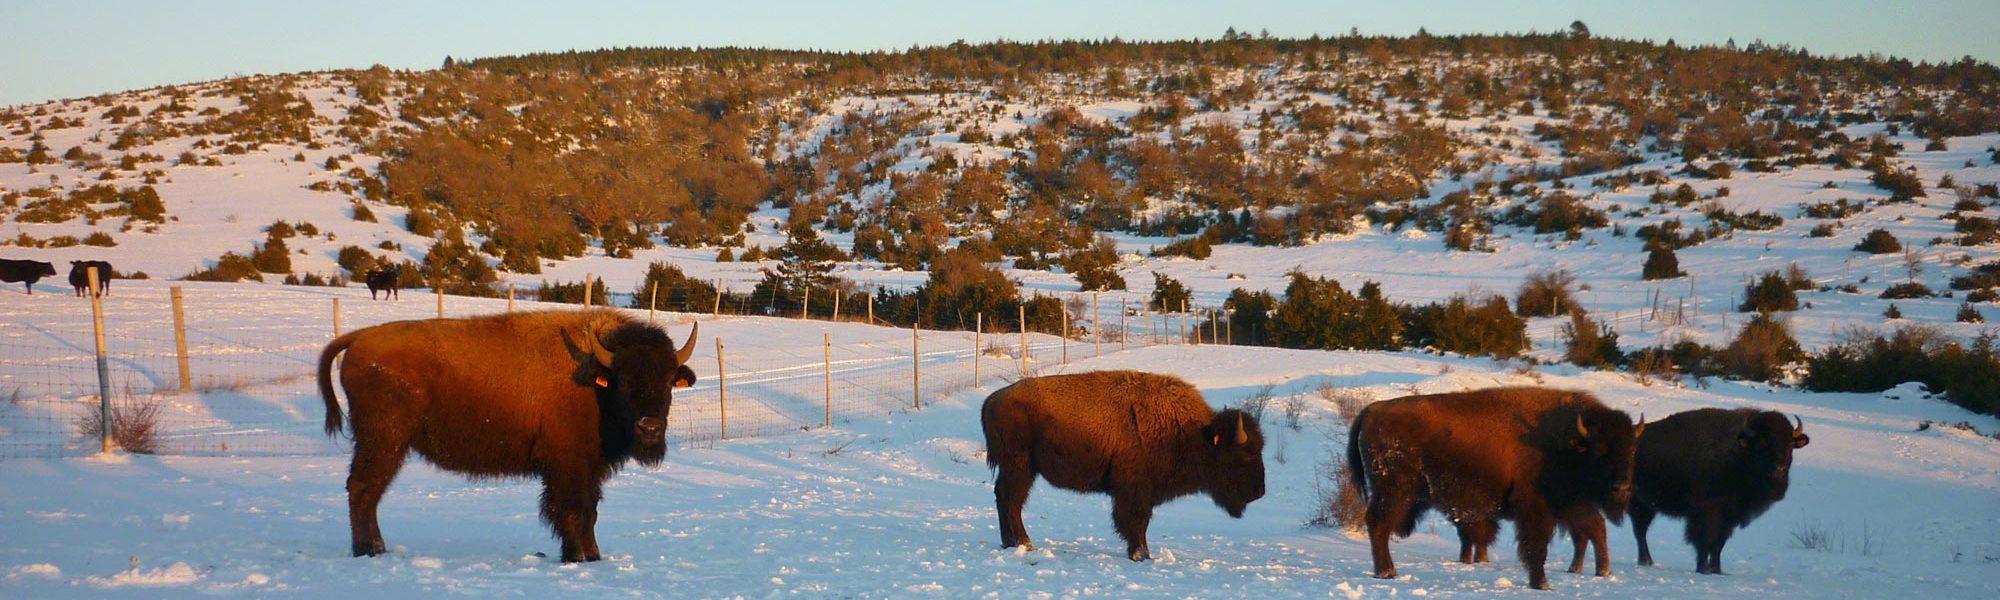 s-bisons-neige